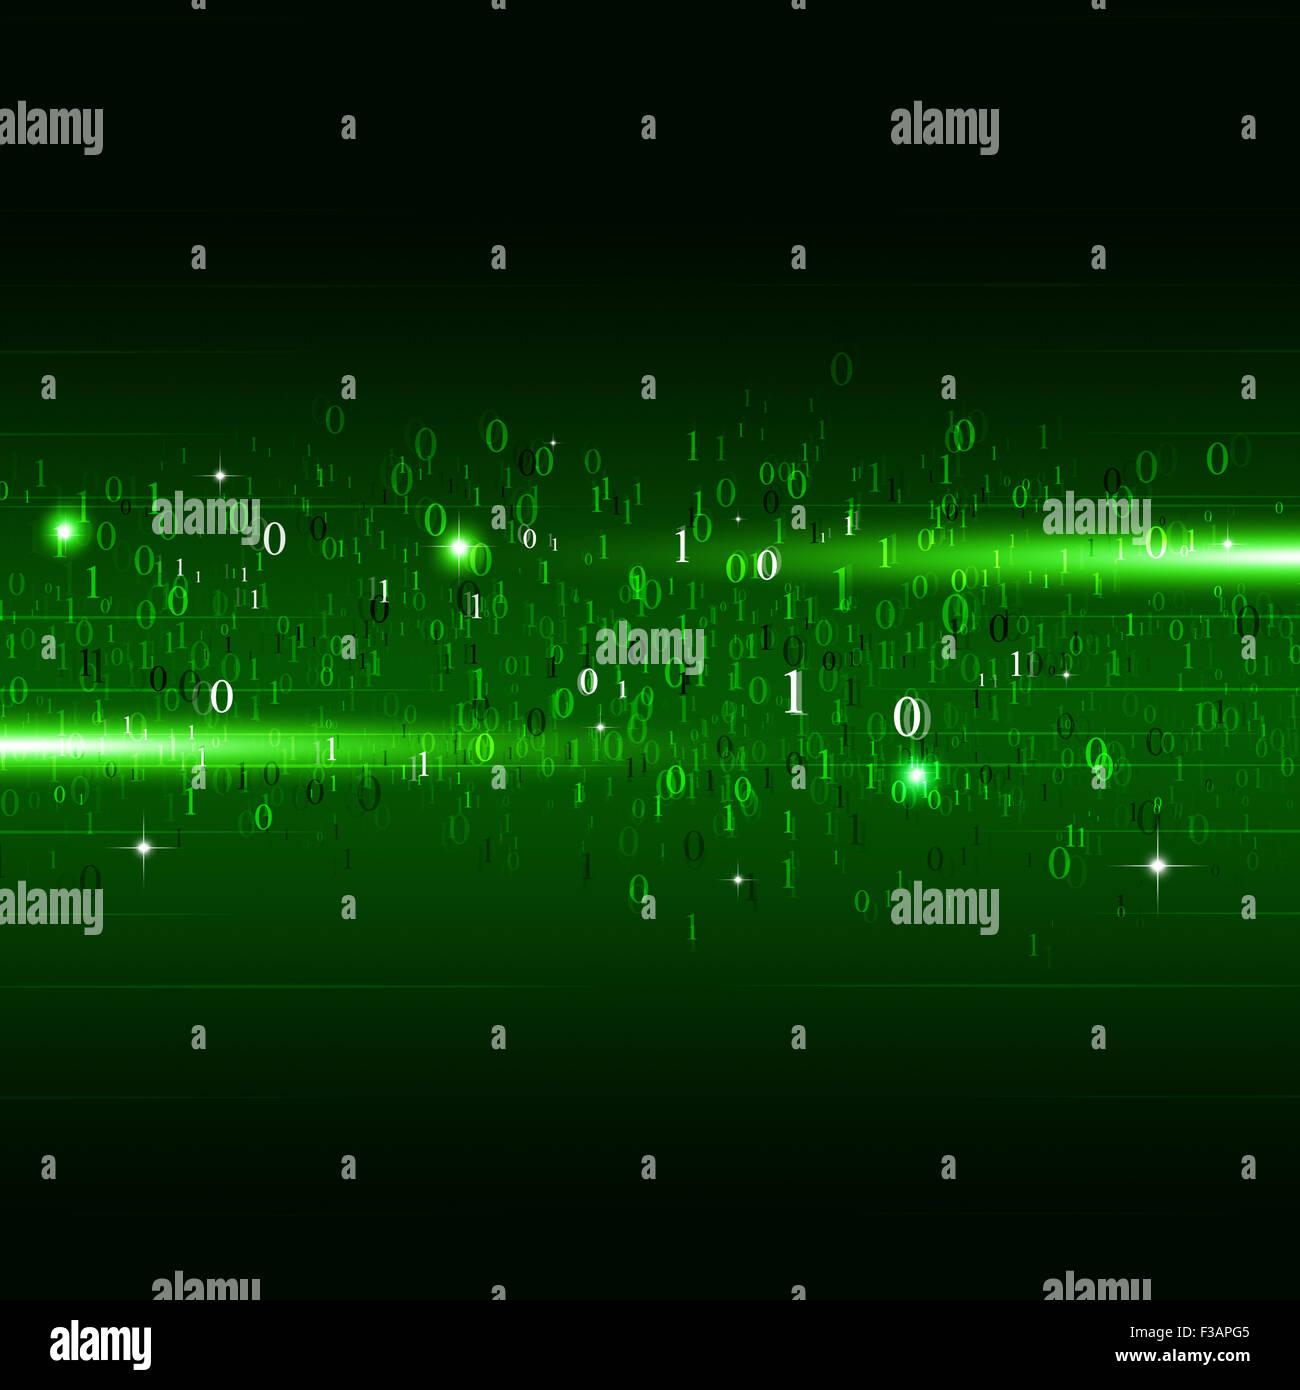 Abstract motion codice binario i numeri tecnologia concetto sfondo verde Immagini Stock